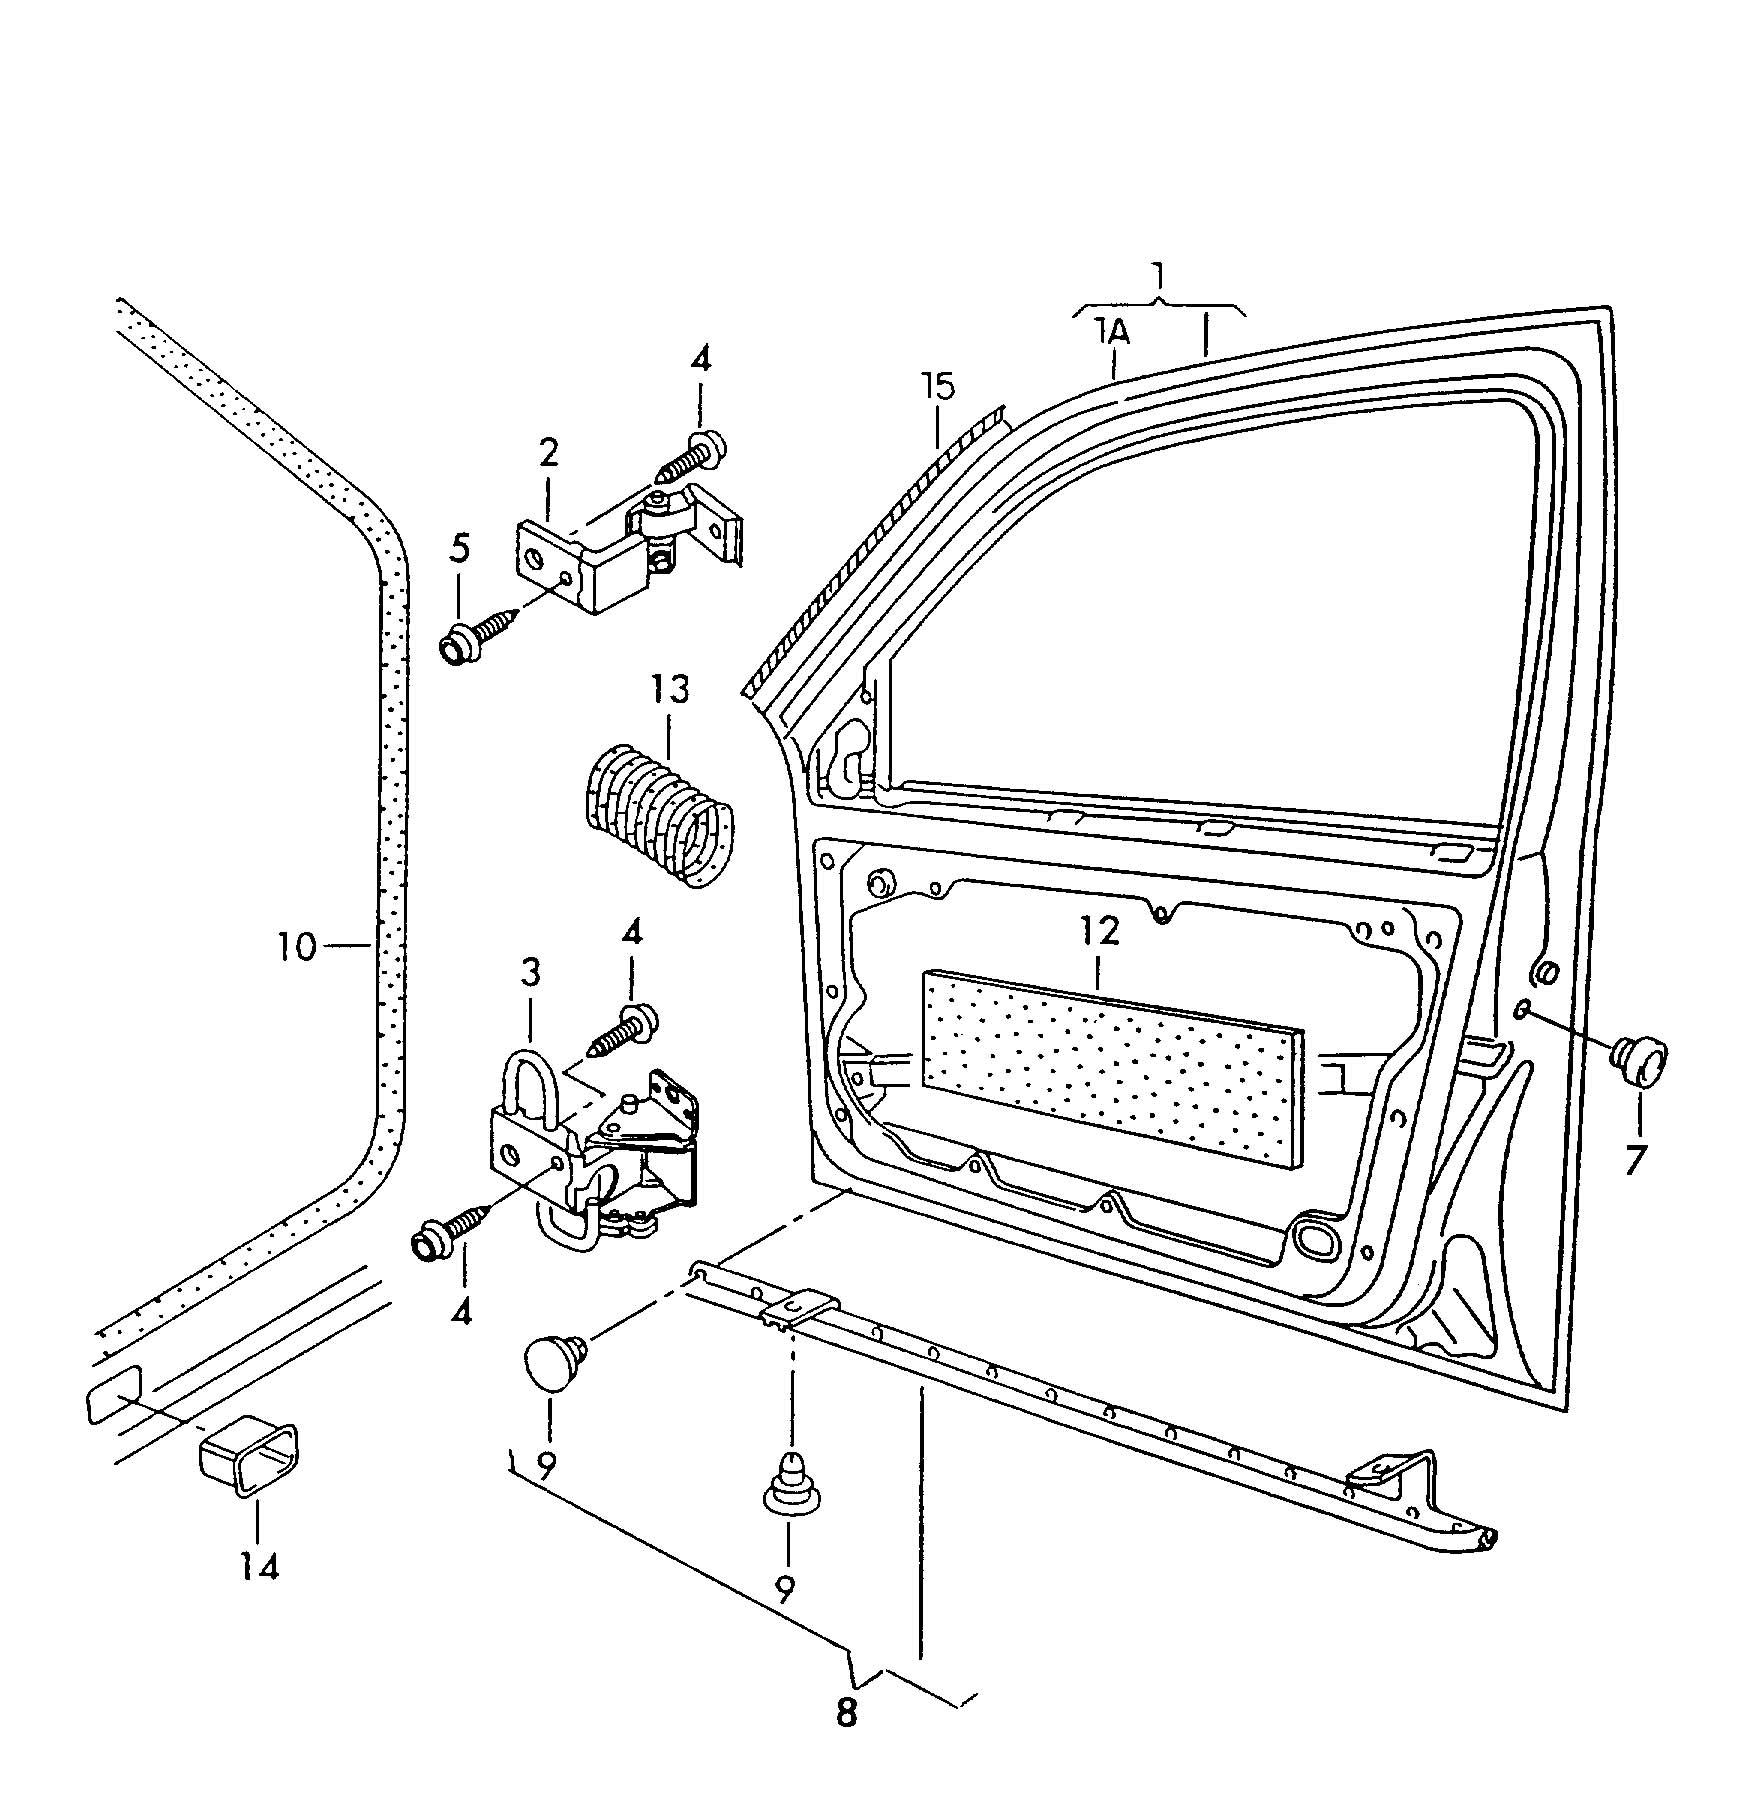 Volkswagen Atlanta: Volkswagen Jetta Door Hinge - 1J0831401E